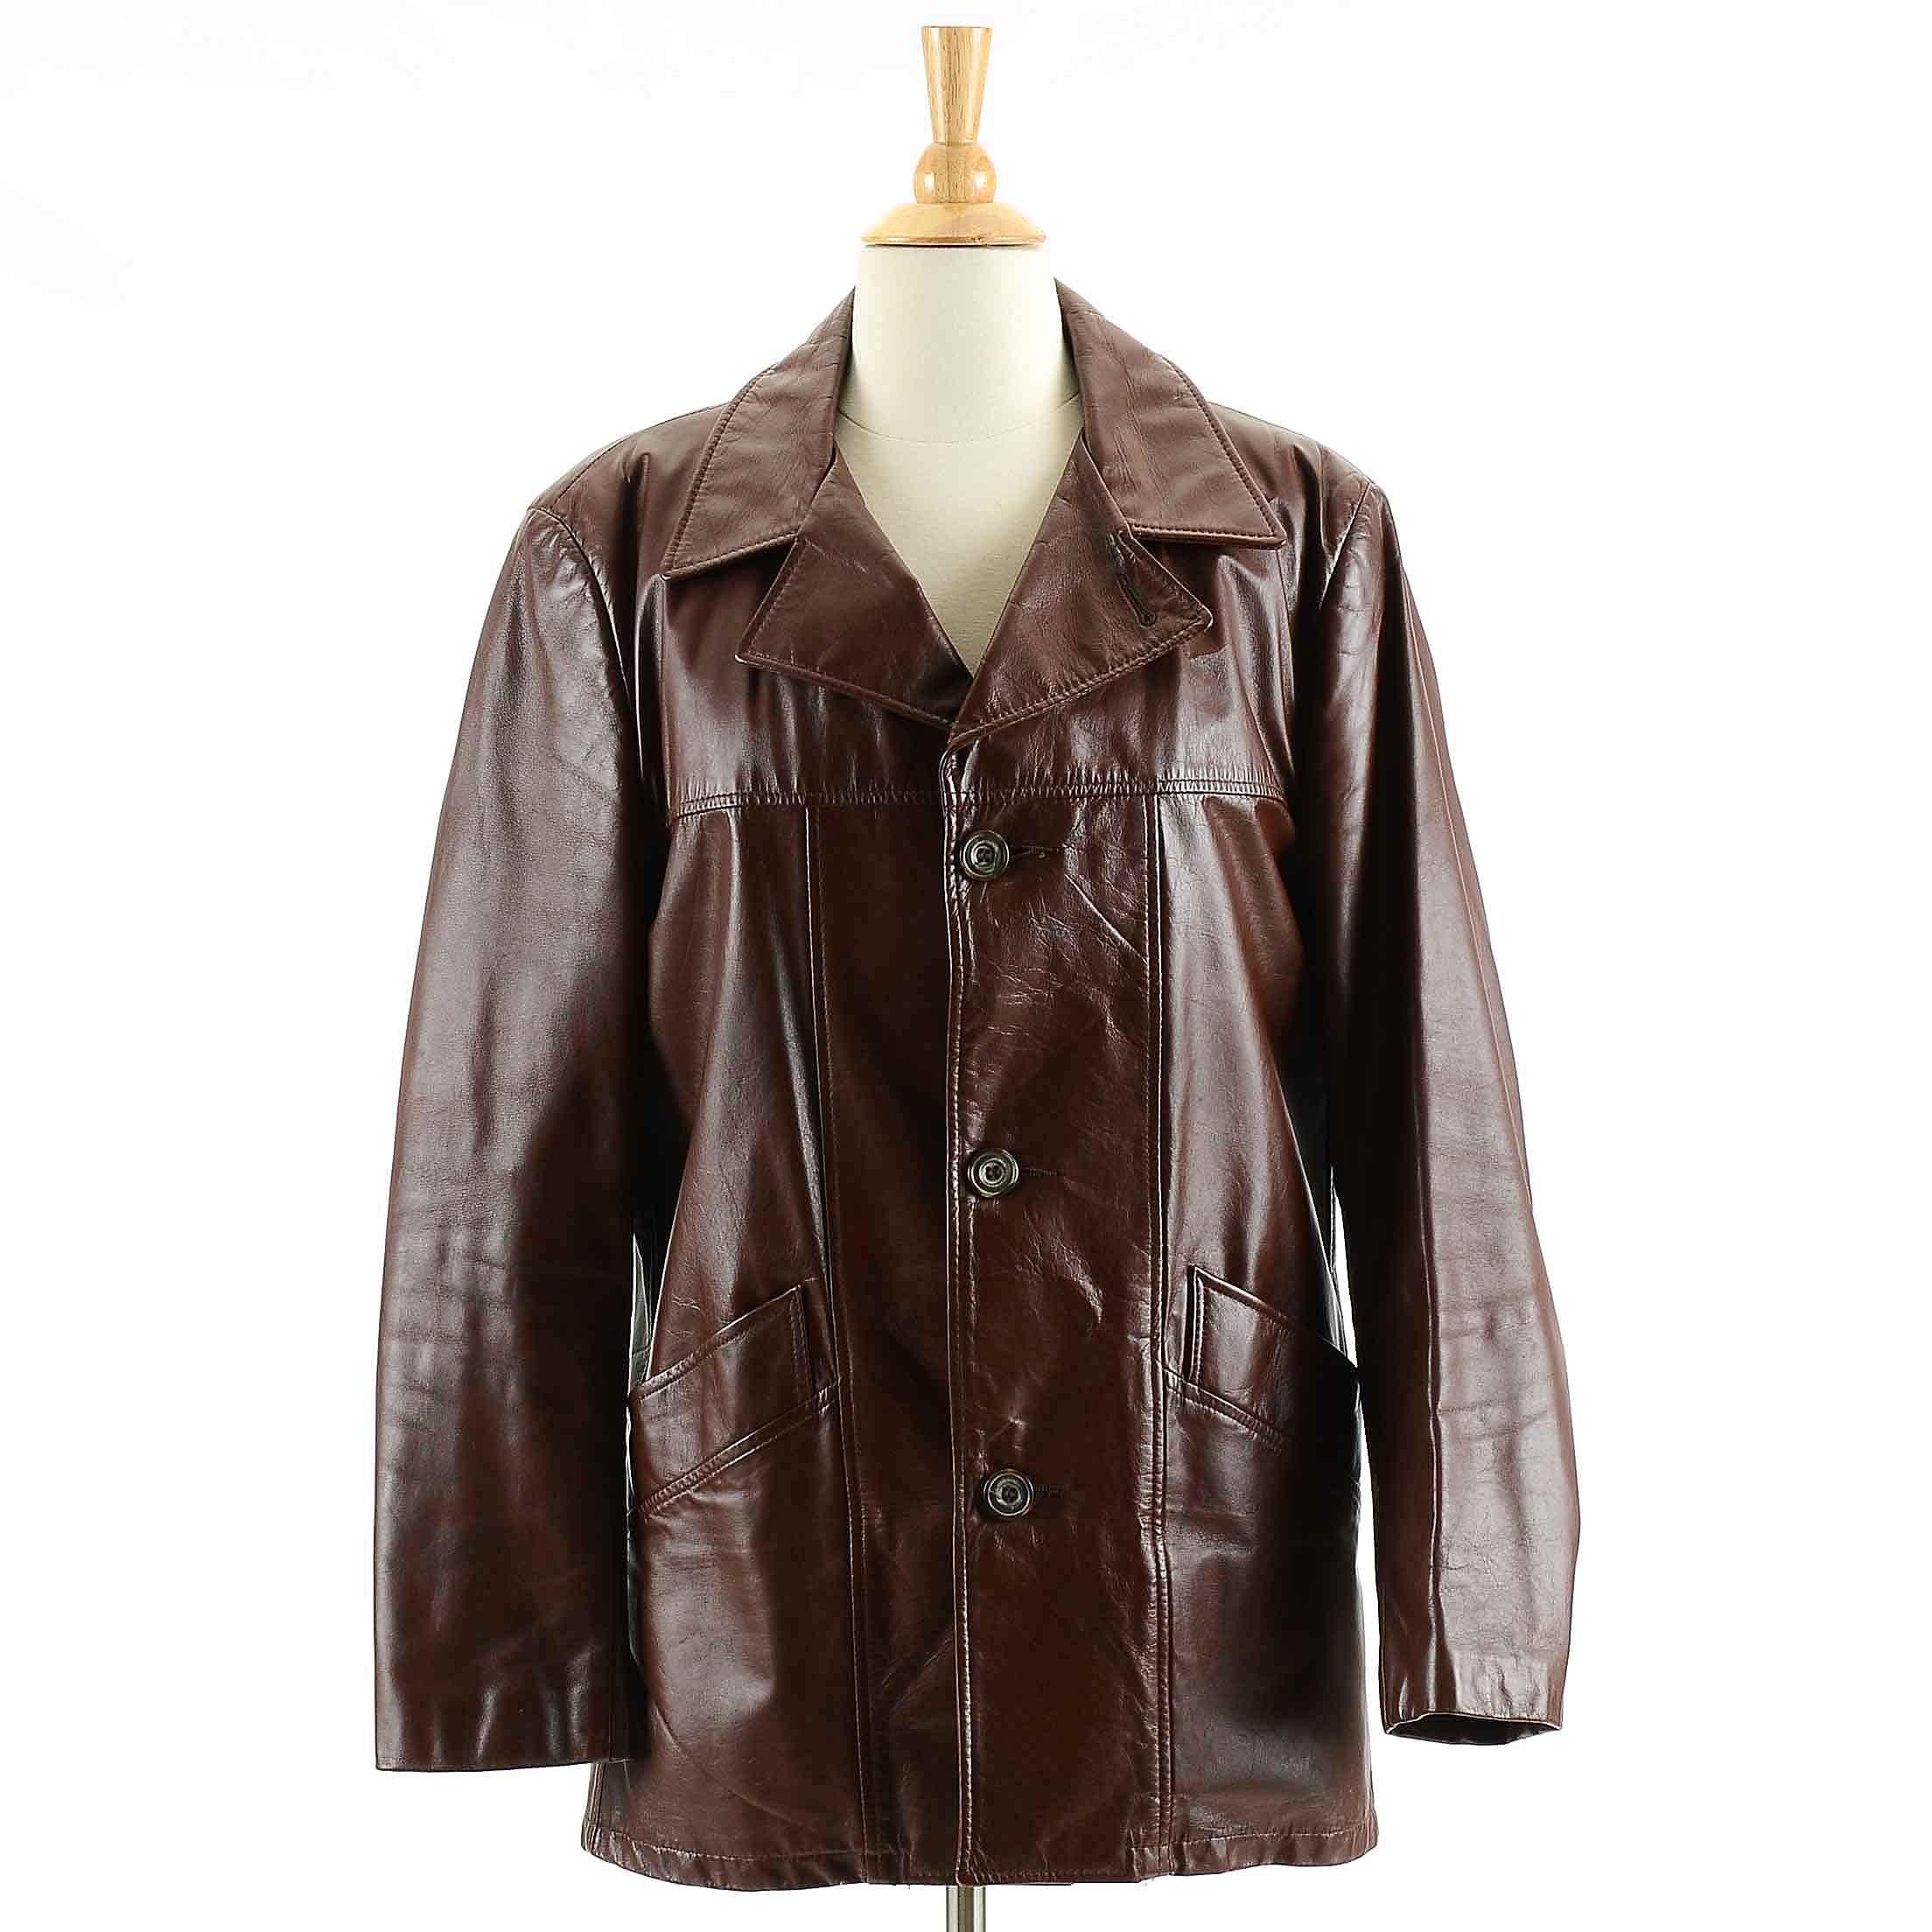 Men's Vintage London Fog Leather Jacket